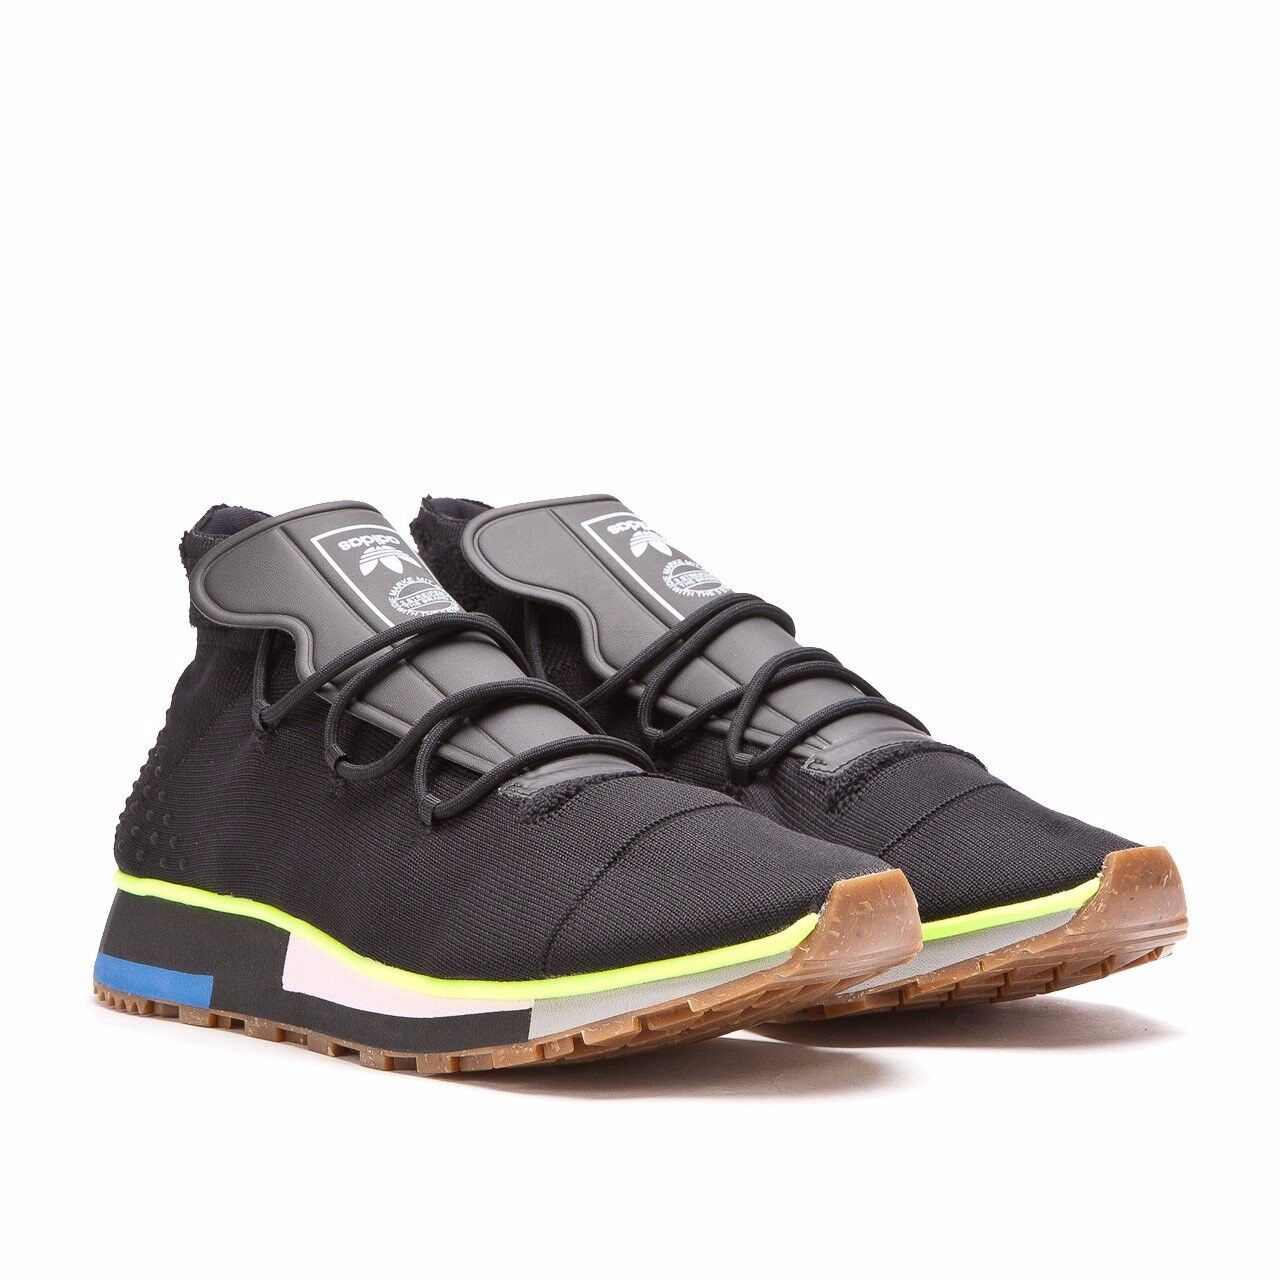 Streng limitiert  adidas by Alexander Wang Turnschuhe AW Run Mid Schwarz EU 44    | Billiger als der Preis